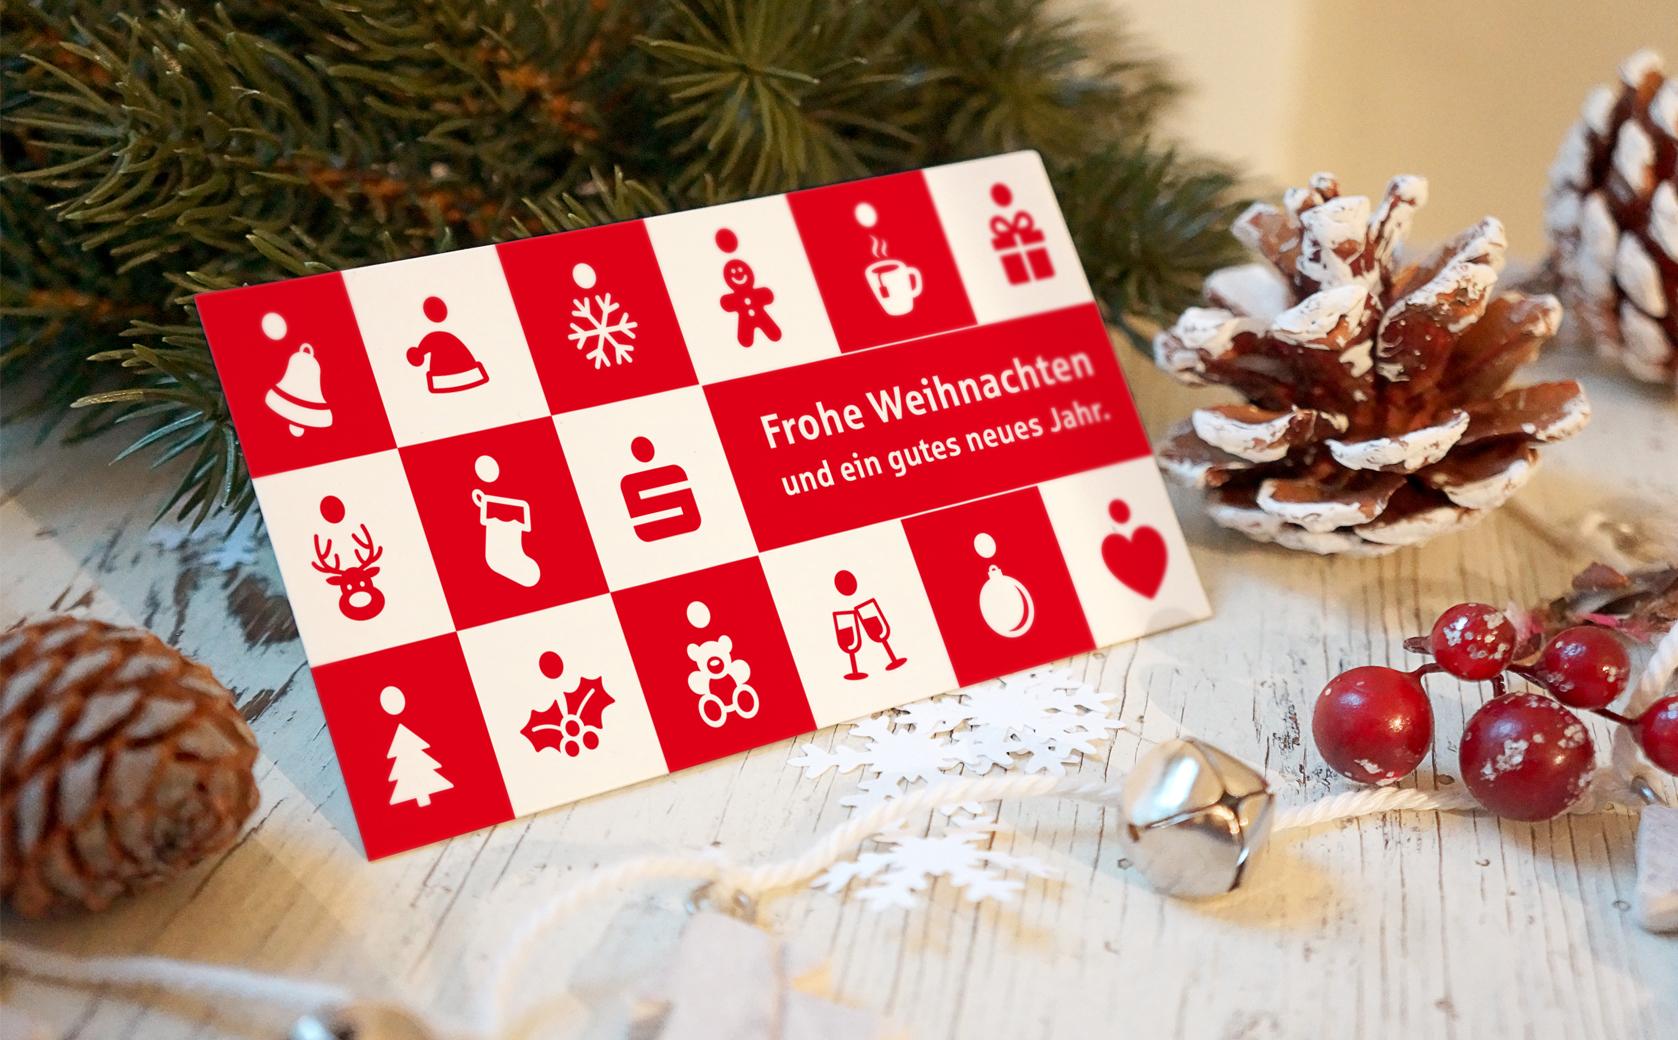 Sparkasse Weihnachtskarte